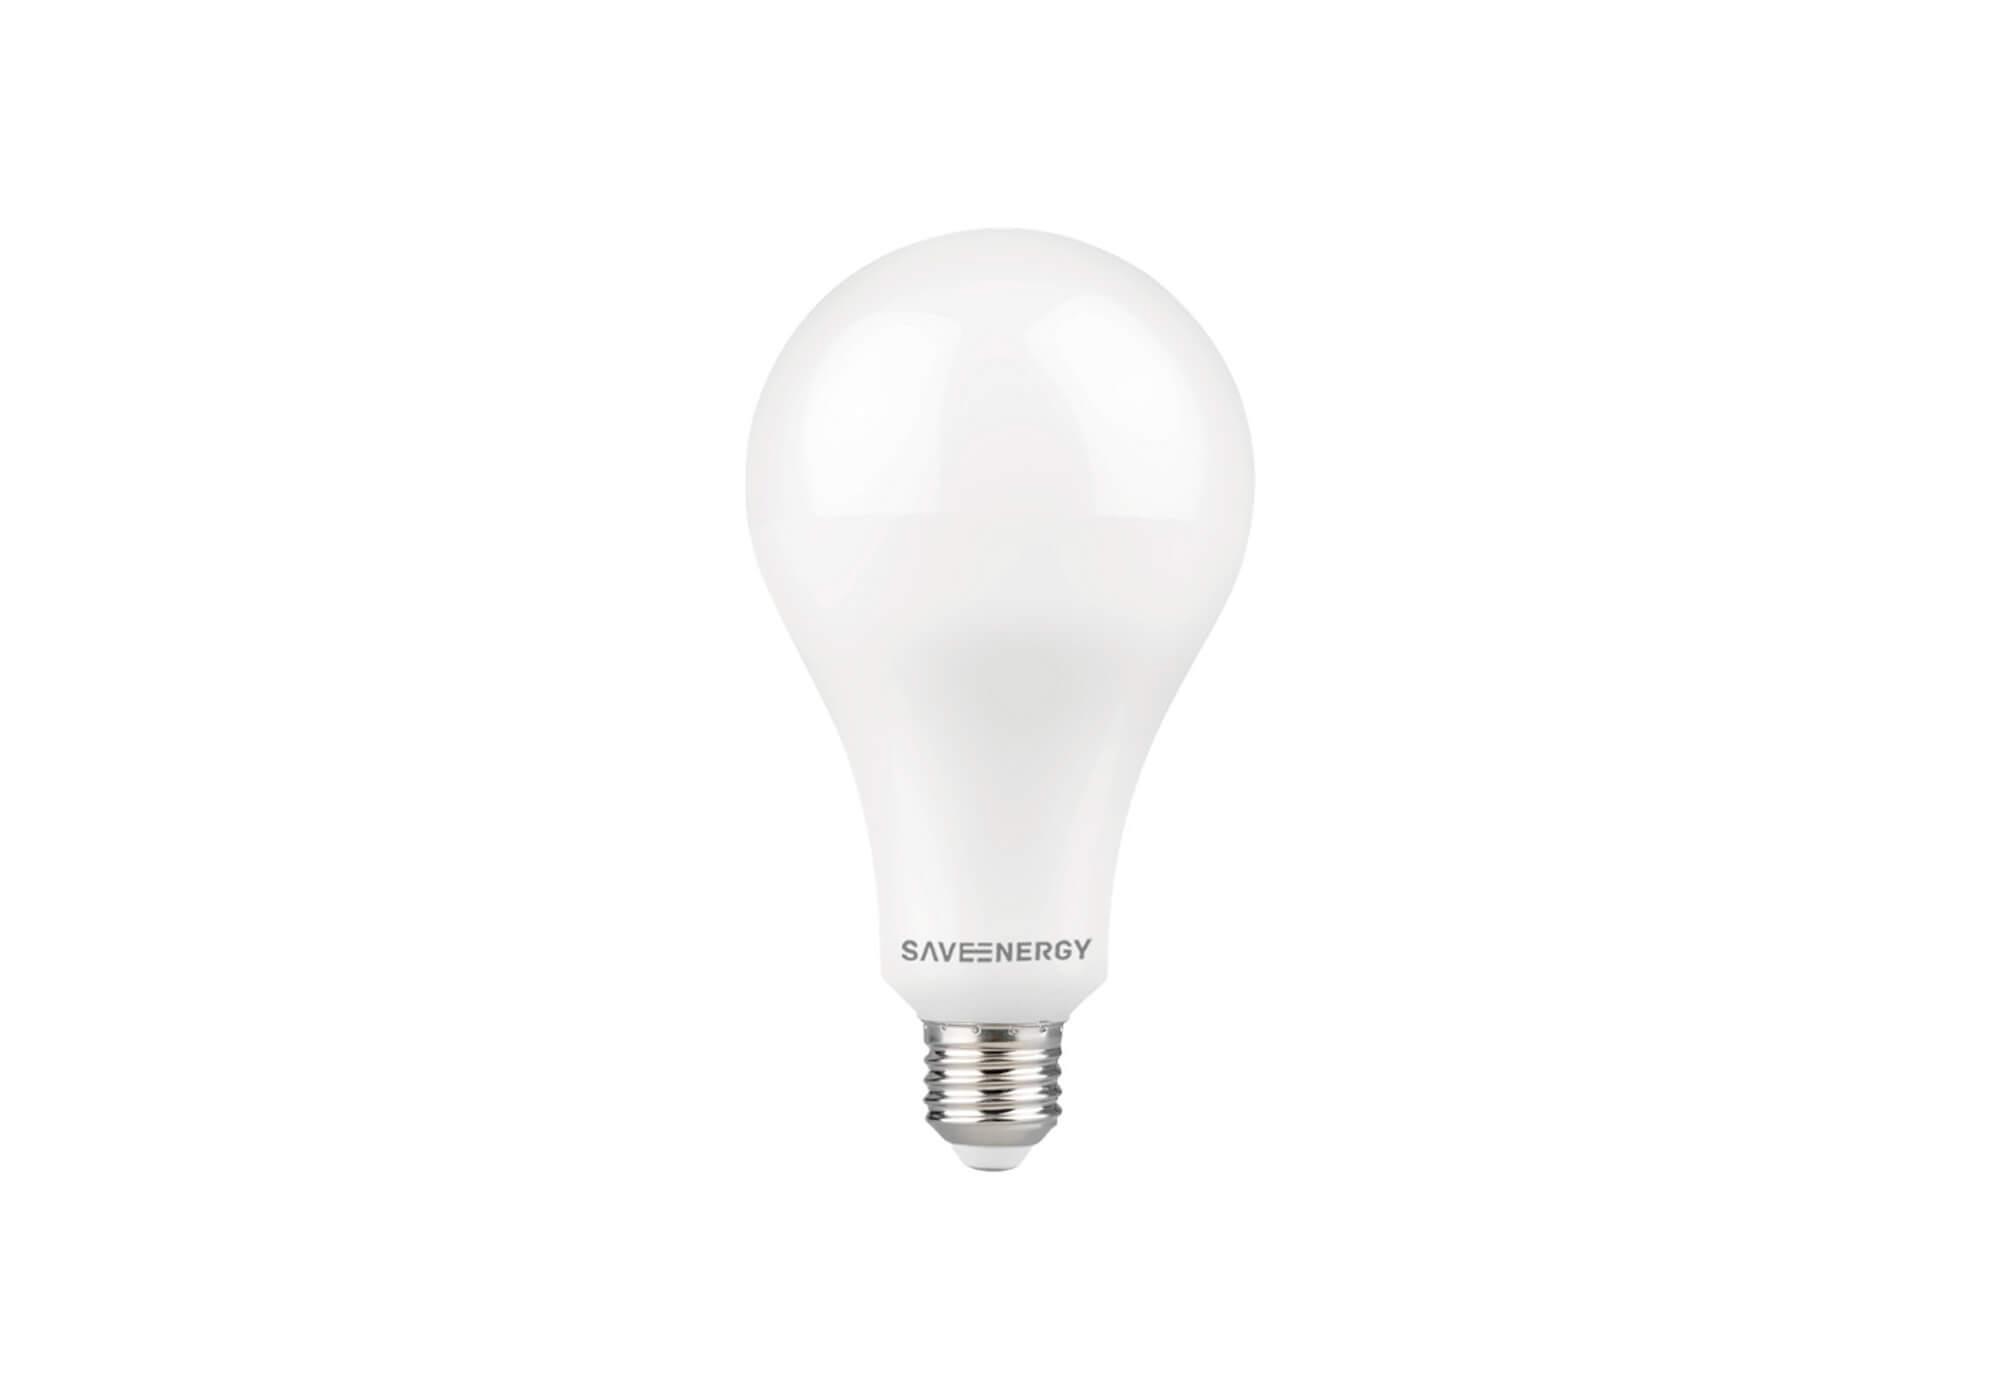 Image destacada de uma lâmpada LED Bulbo Clássica